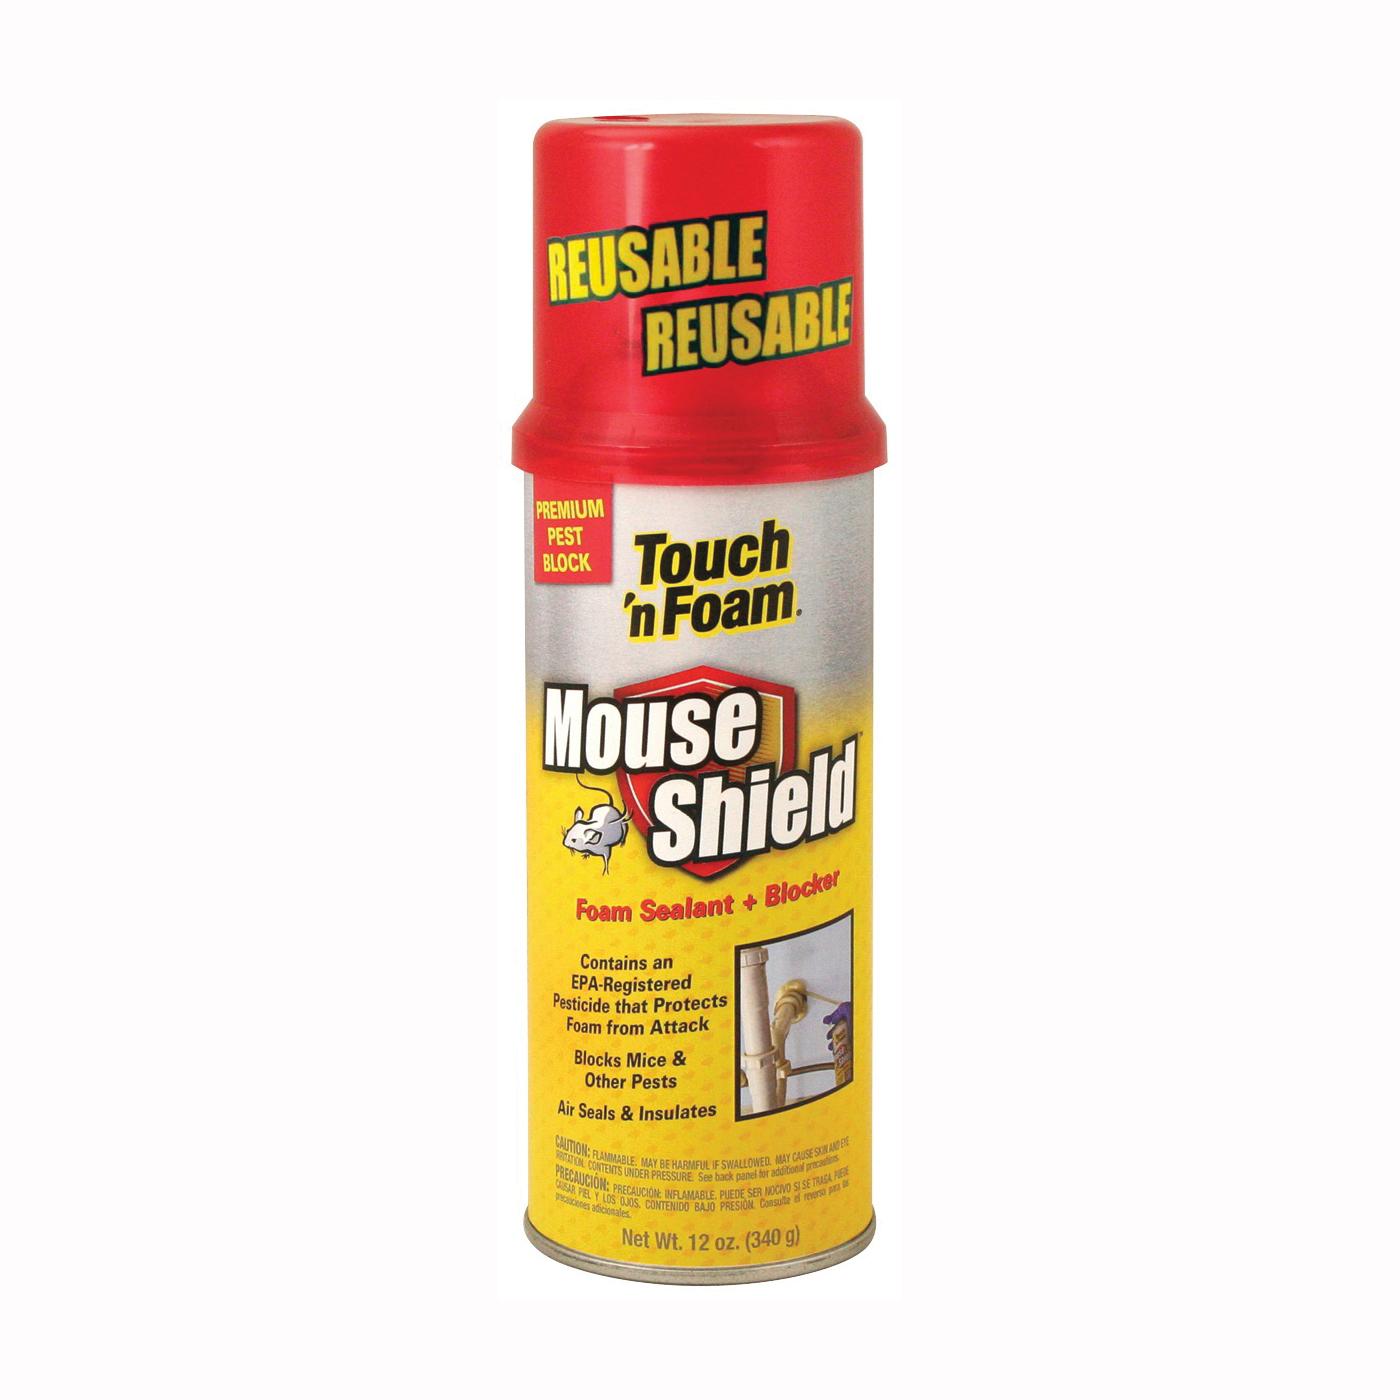 Picture of Touch 'n Foam 4001012506 Foam Sealant, Light Beige, 12 oz Package, Can